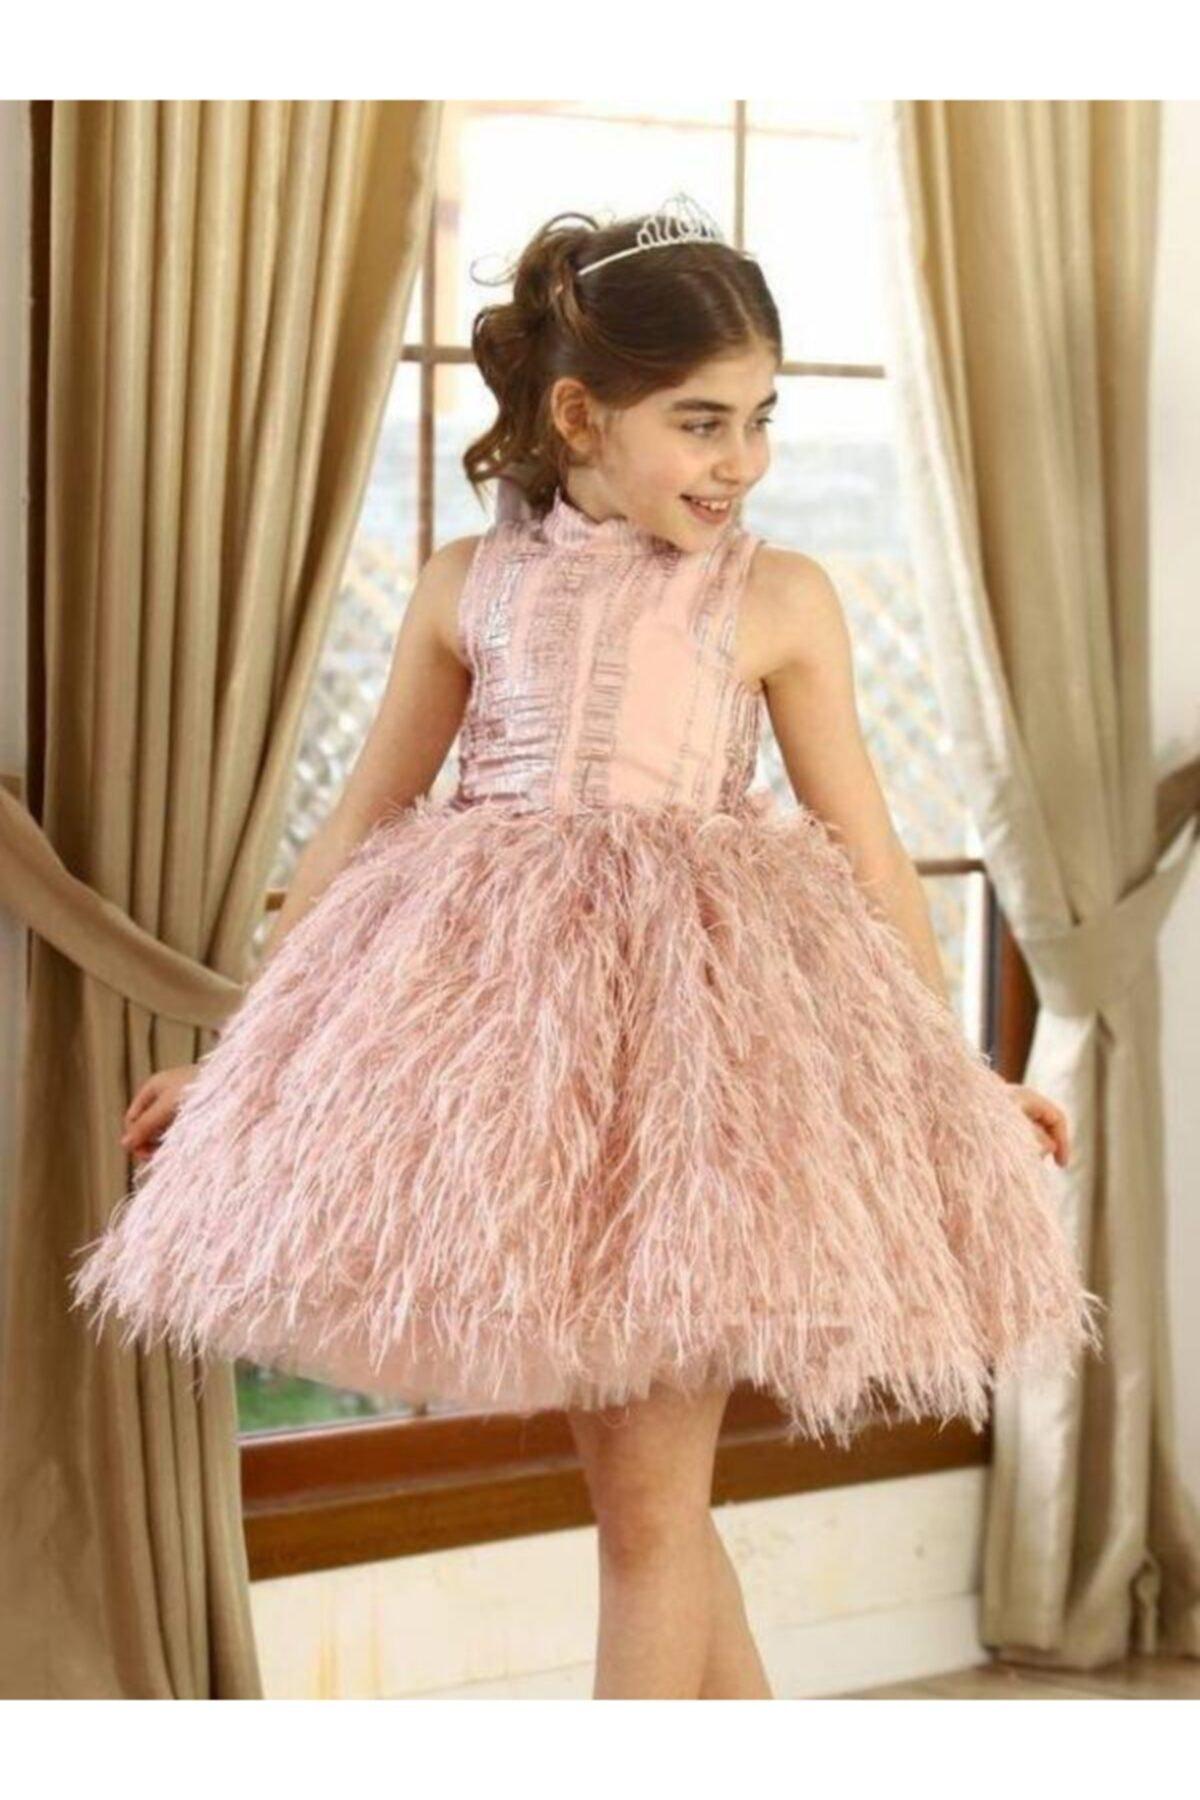 لباس مجلسی دخترانه ترک مجلسی برند Riccotarz رنگ صورتی ty99223655